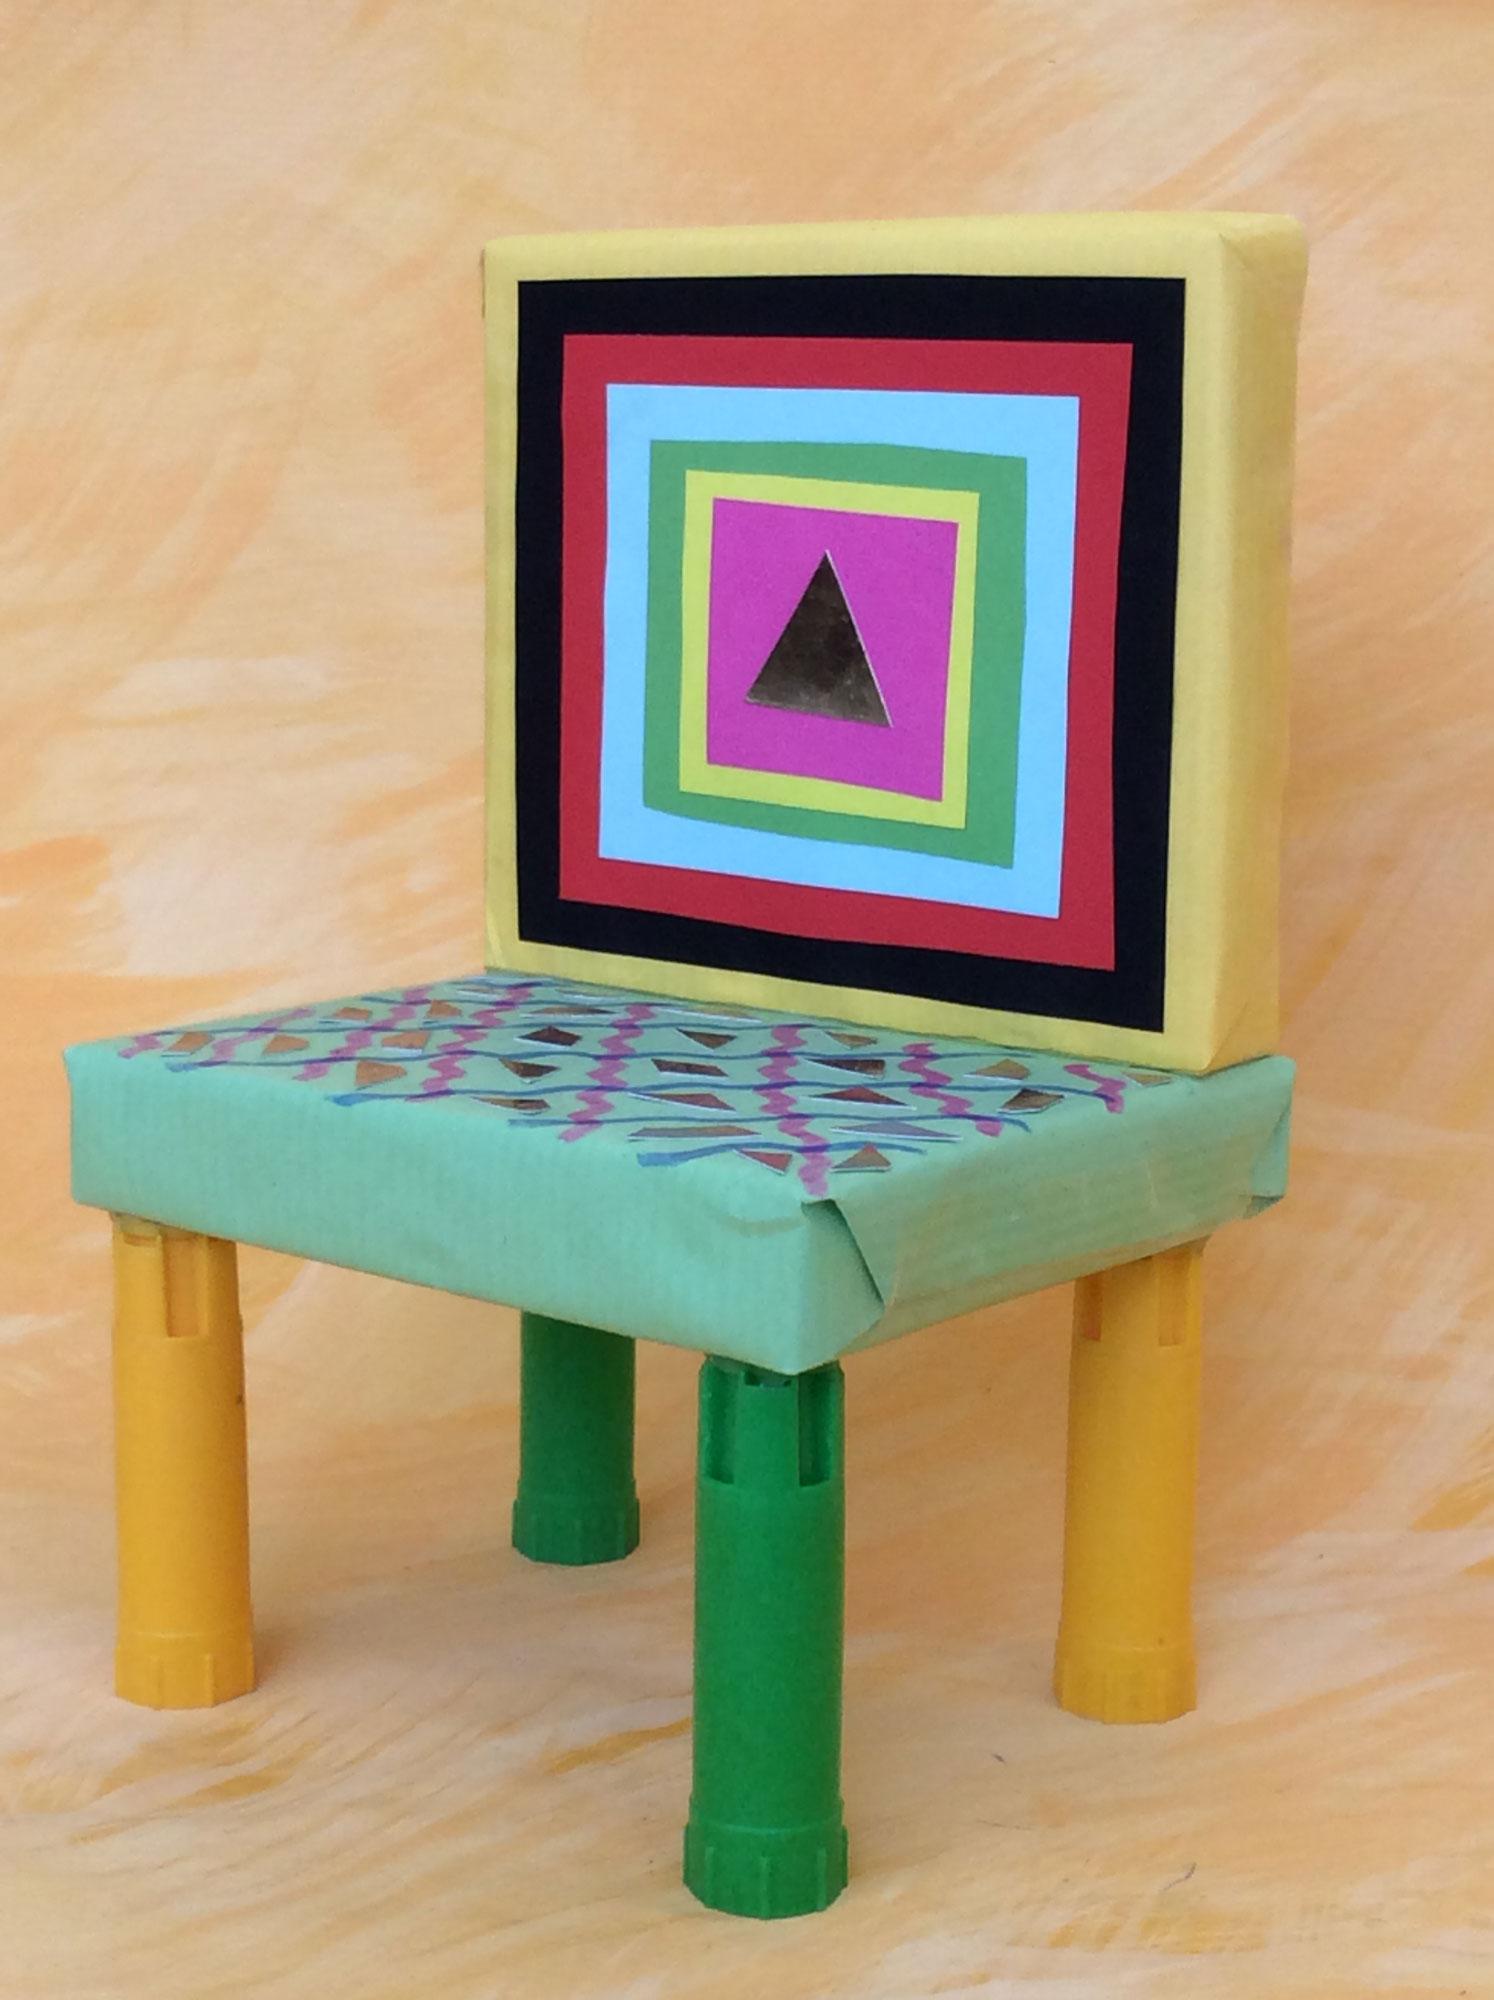 escola-auro-cadires-escola-impremta-5